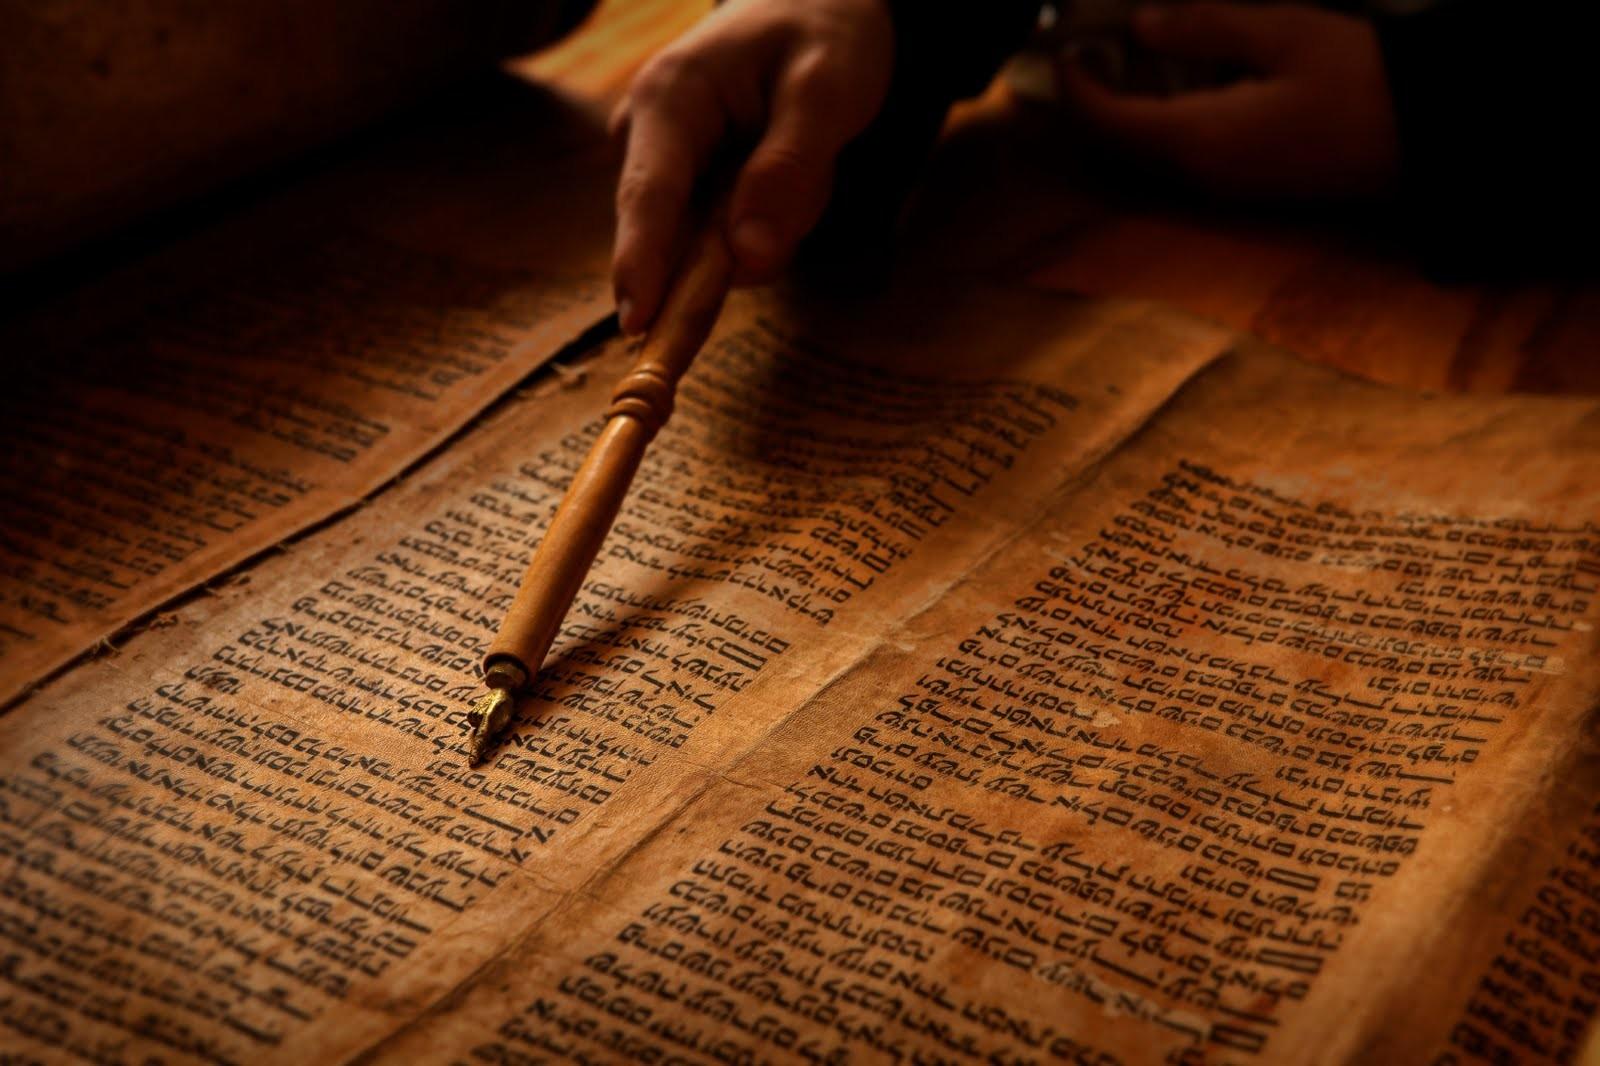 Найдены еретические откровения Иисуса обАпокалипсисе